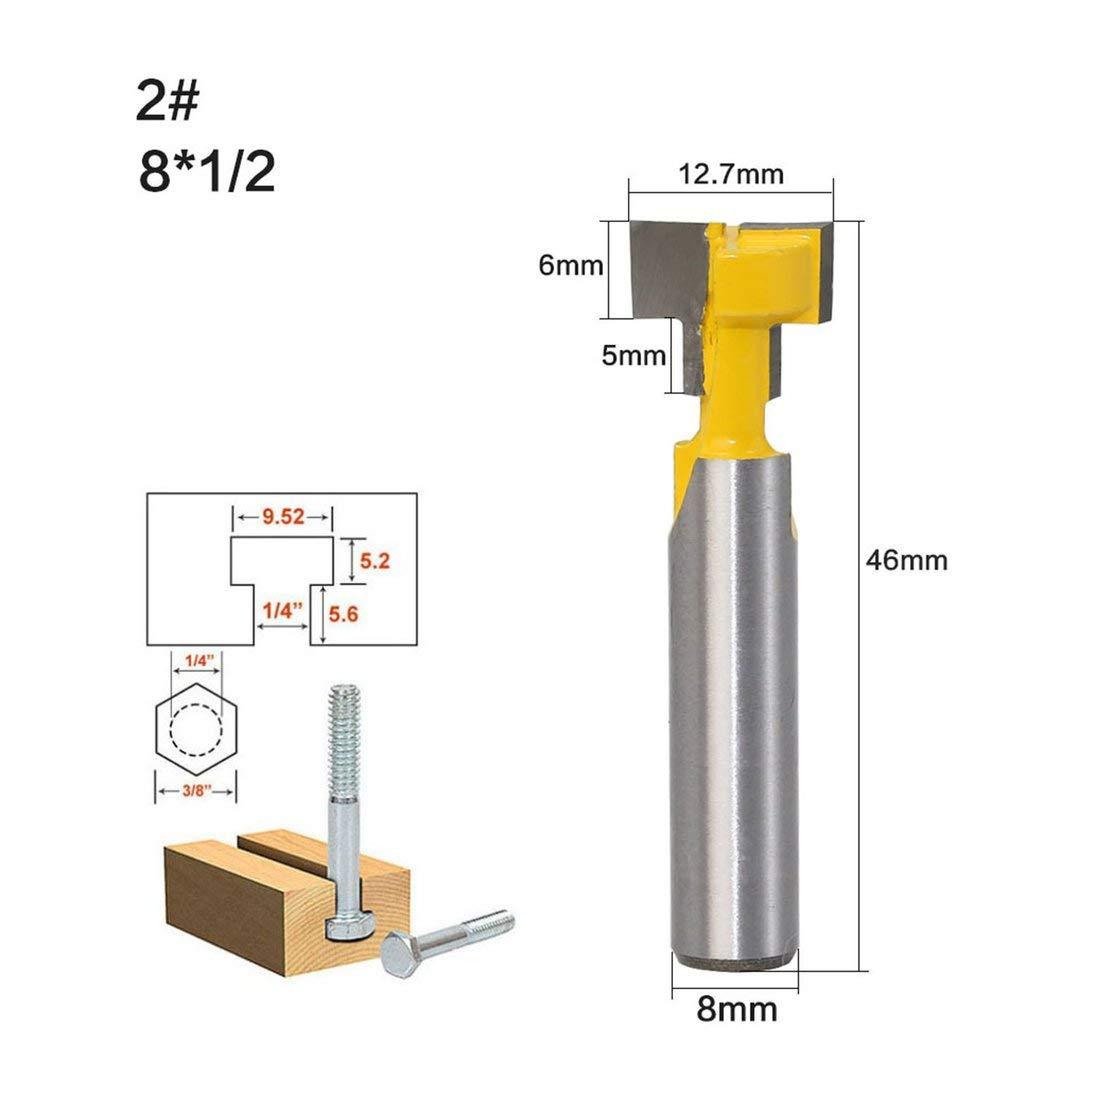 2PCS 8mm V/ástago T-Slot Router Bits Cortador de carpinter/ía Fresa de madera Fresa Router Bits con alta dureza Mayitr ToGames